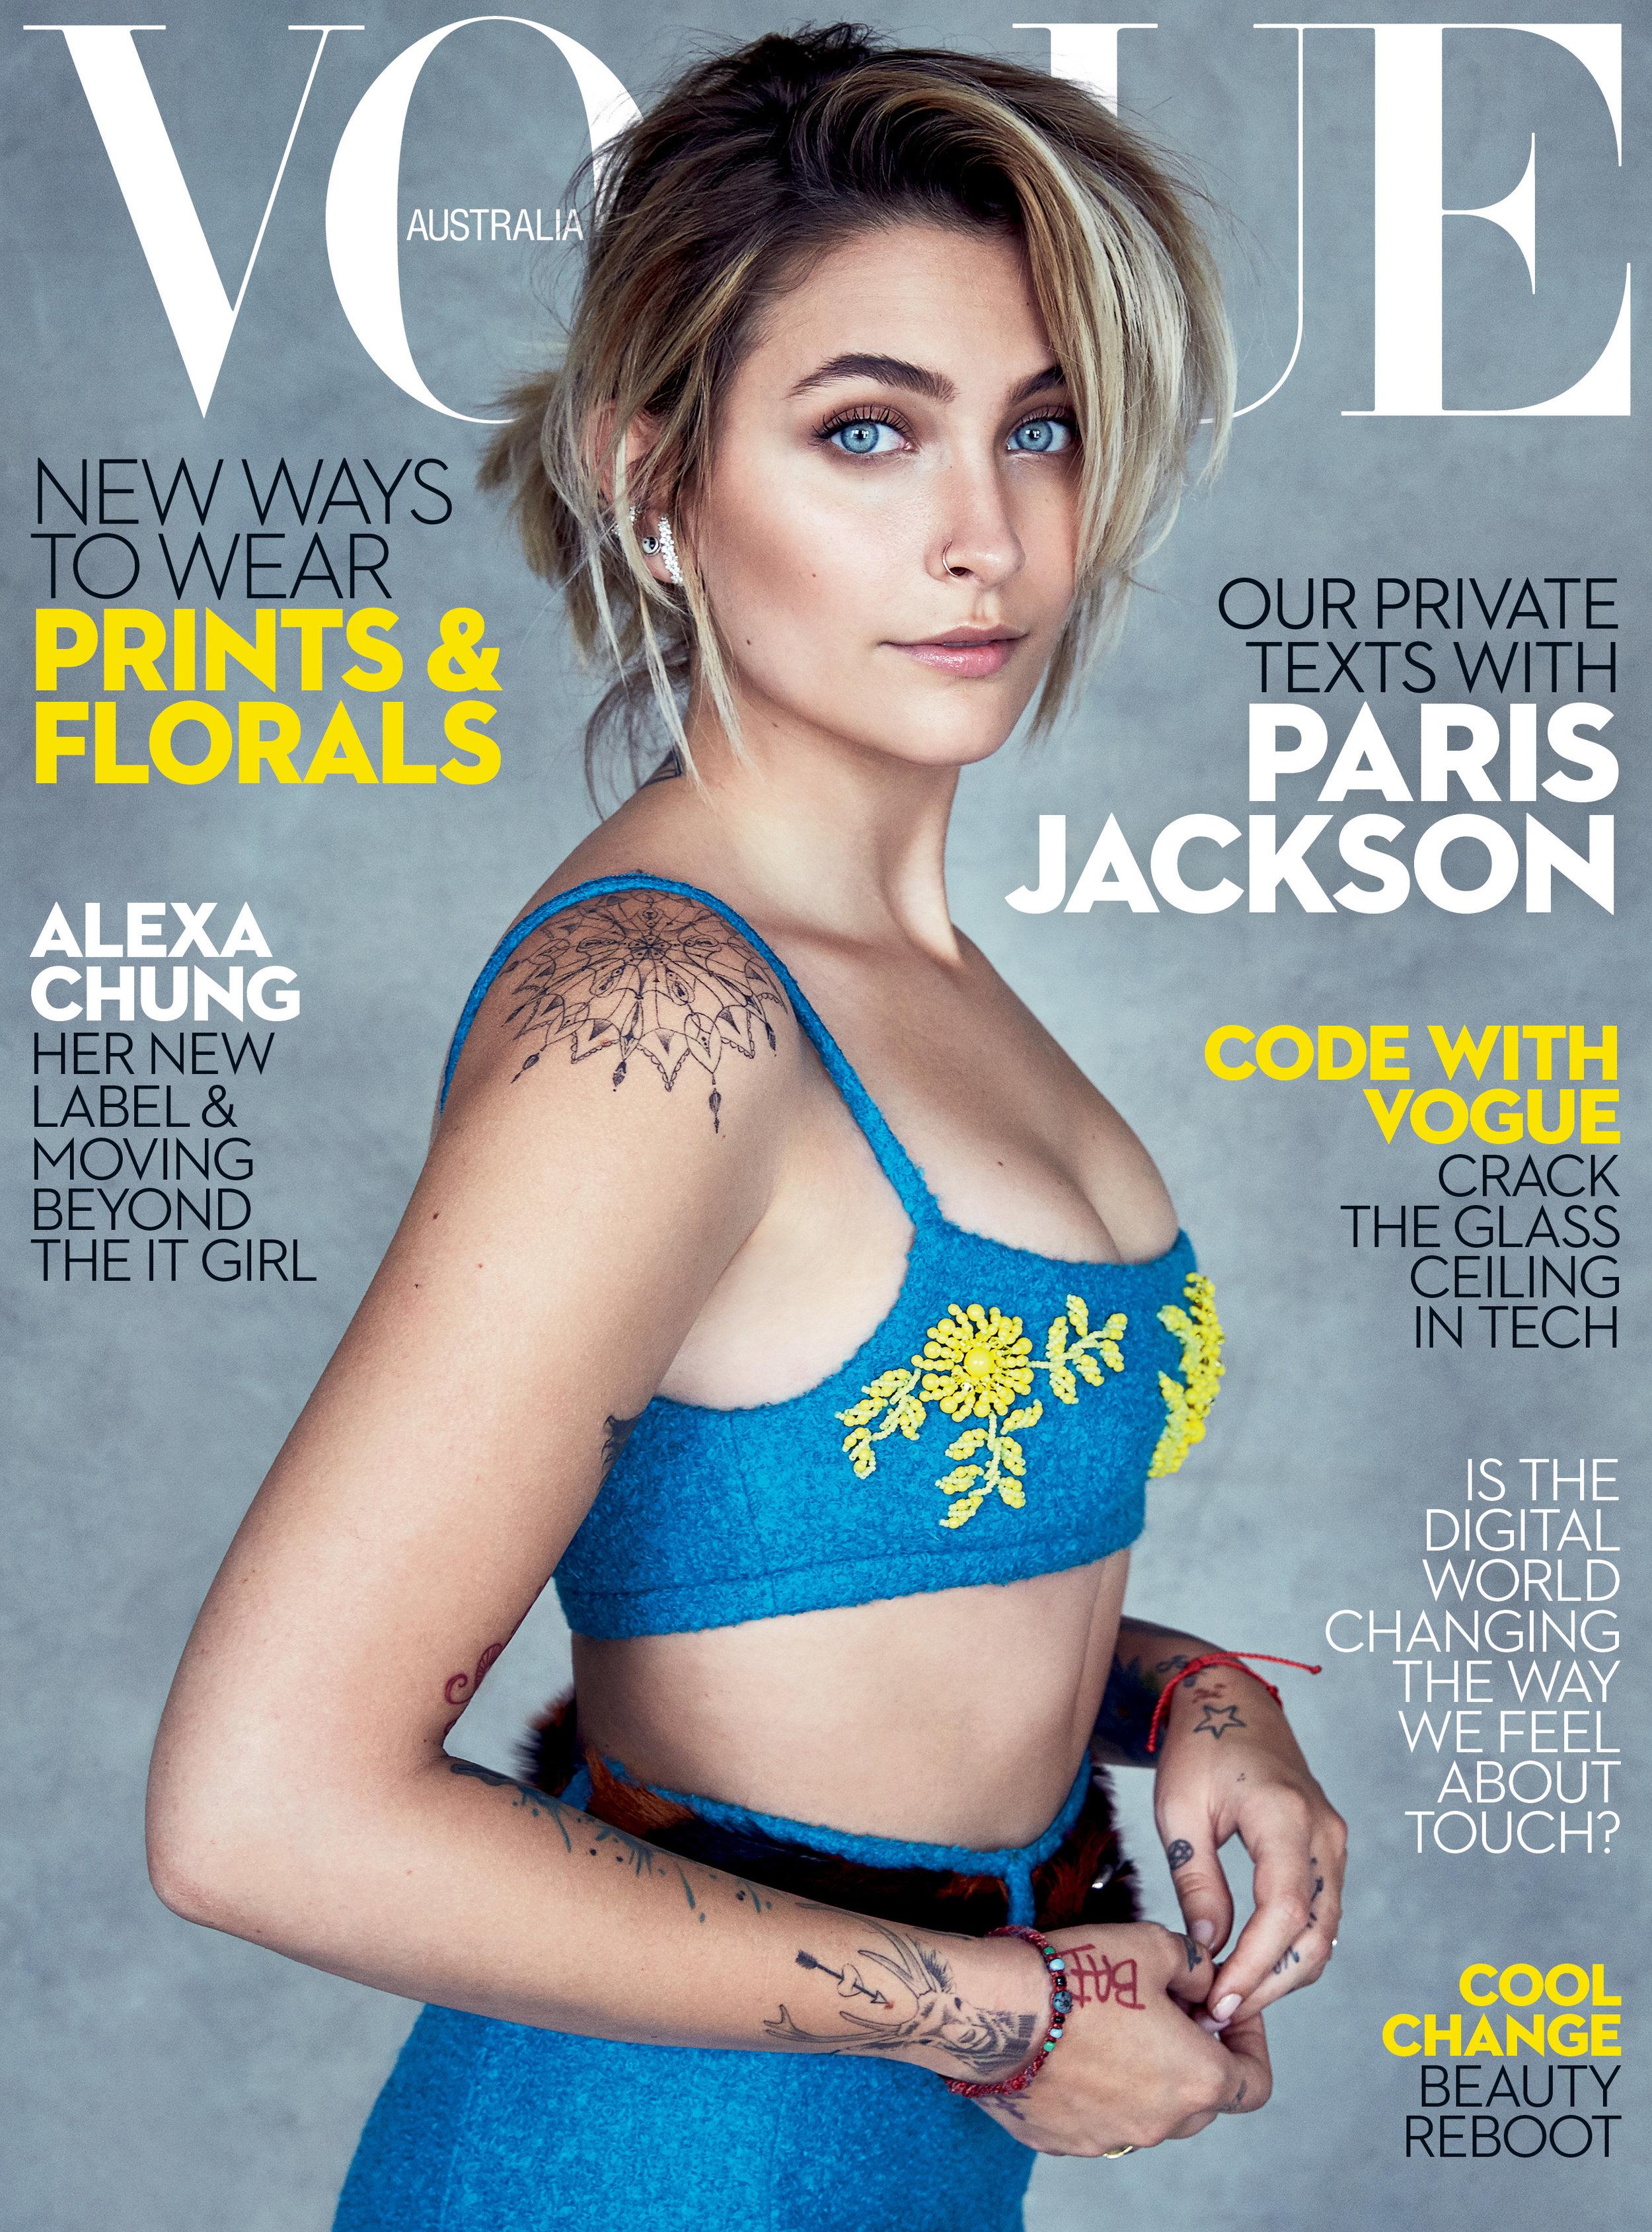 Vogue Australia Cover